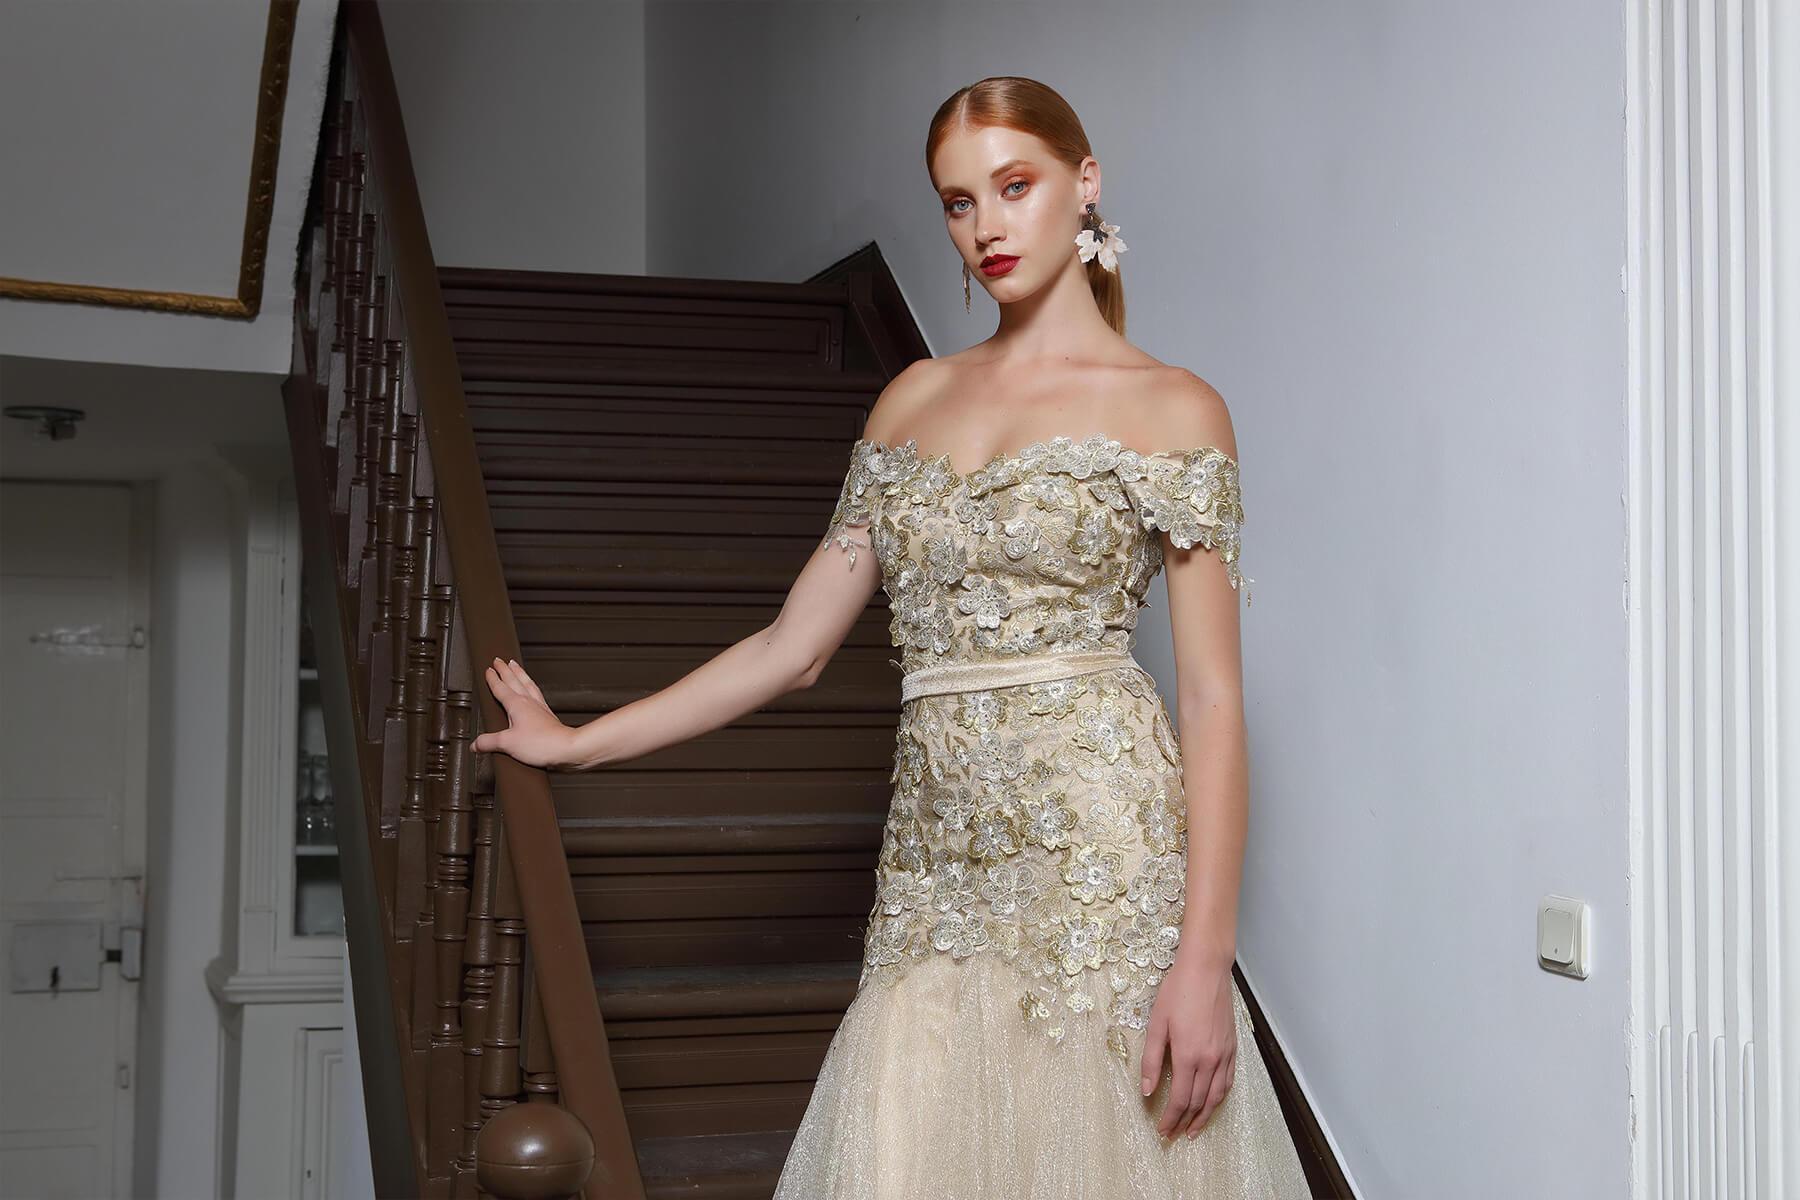 Abend Top Online Shop Abend Kleider Design20 Kreativ Online Shop Abend Kleider Spezialgebiet